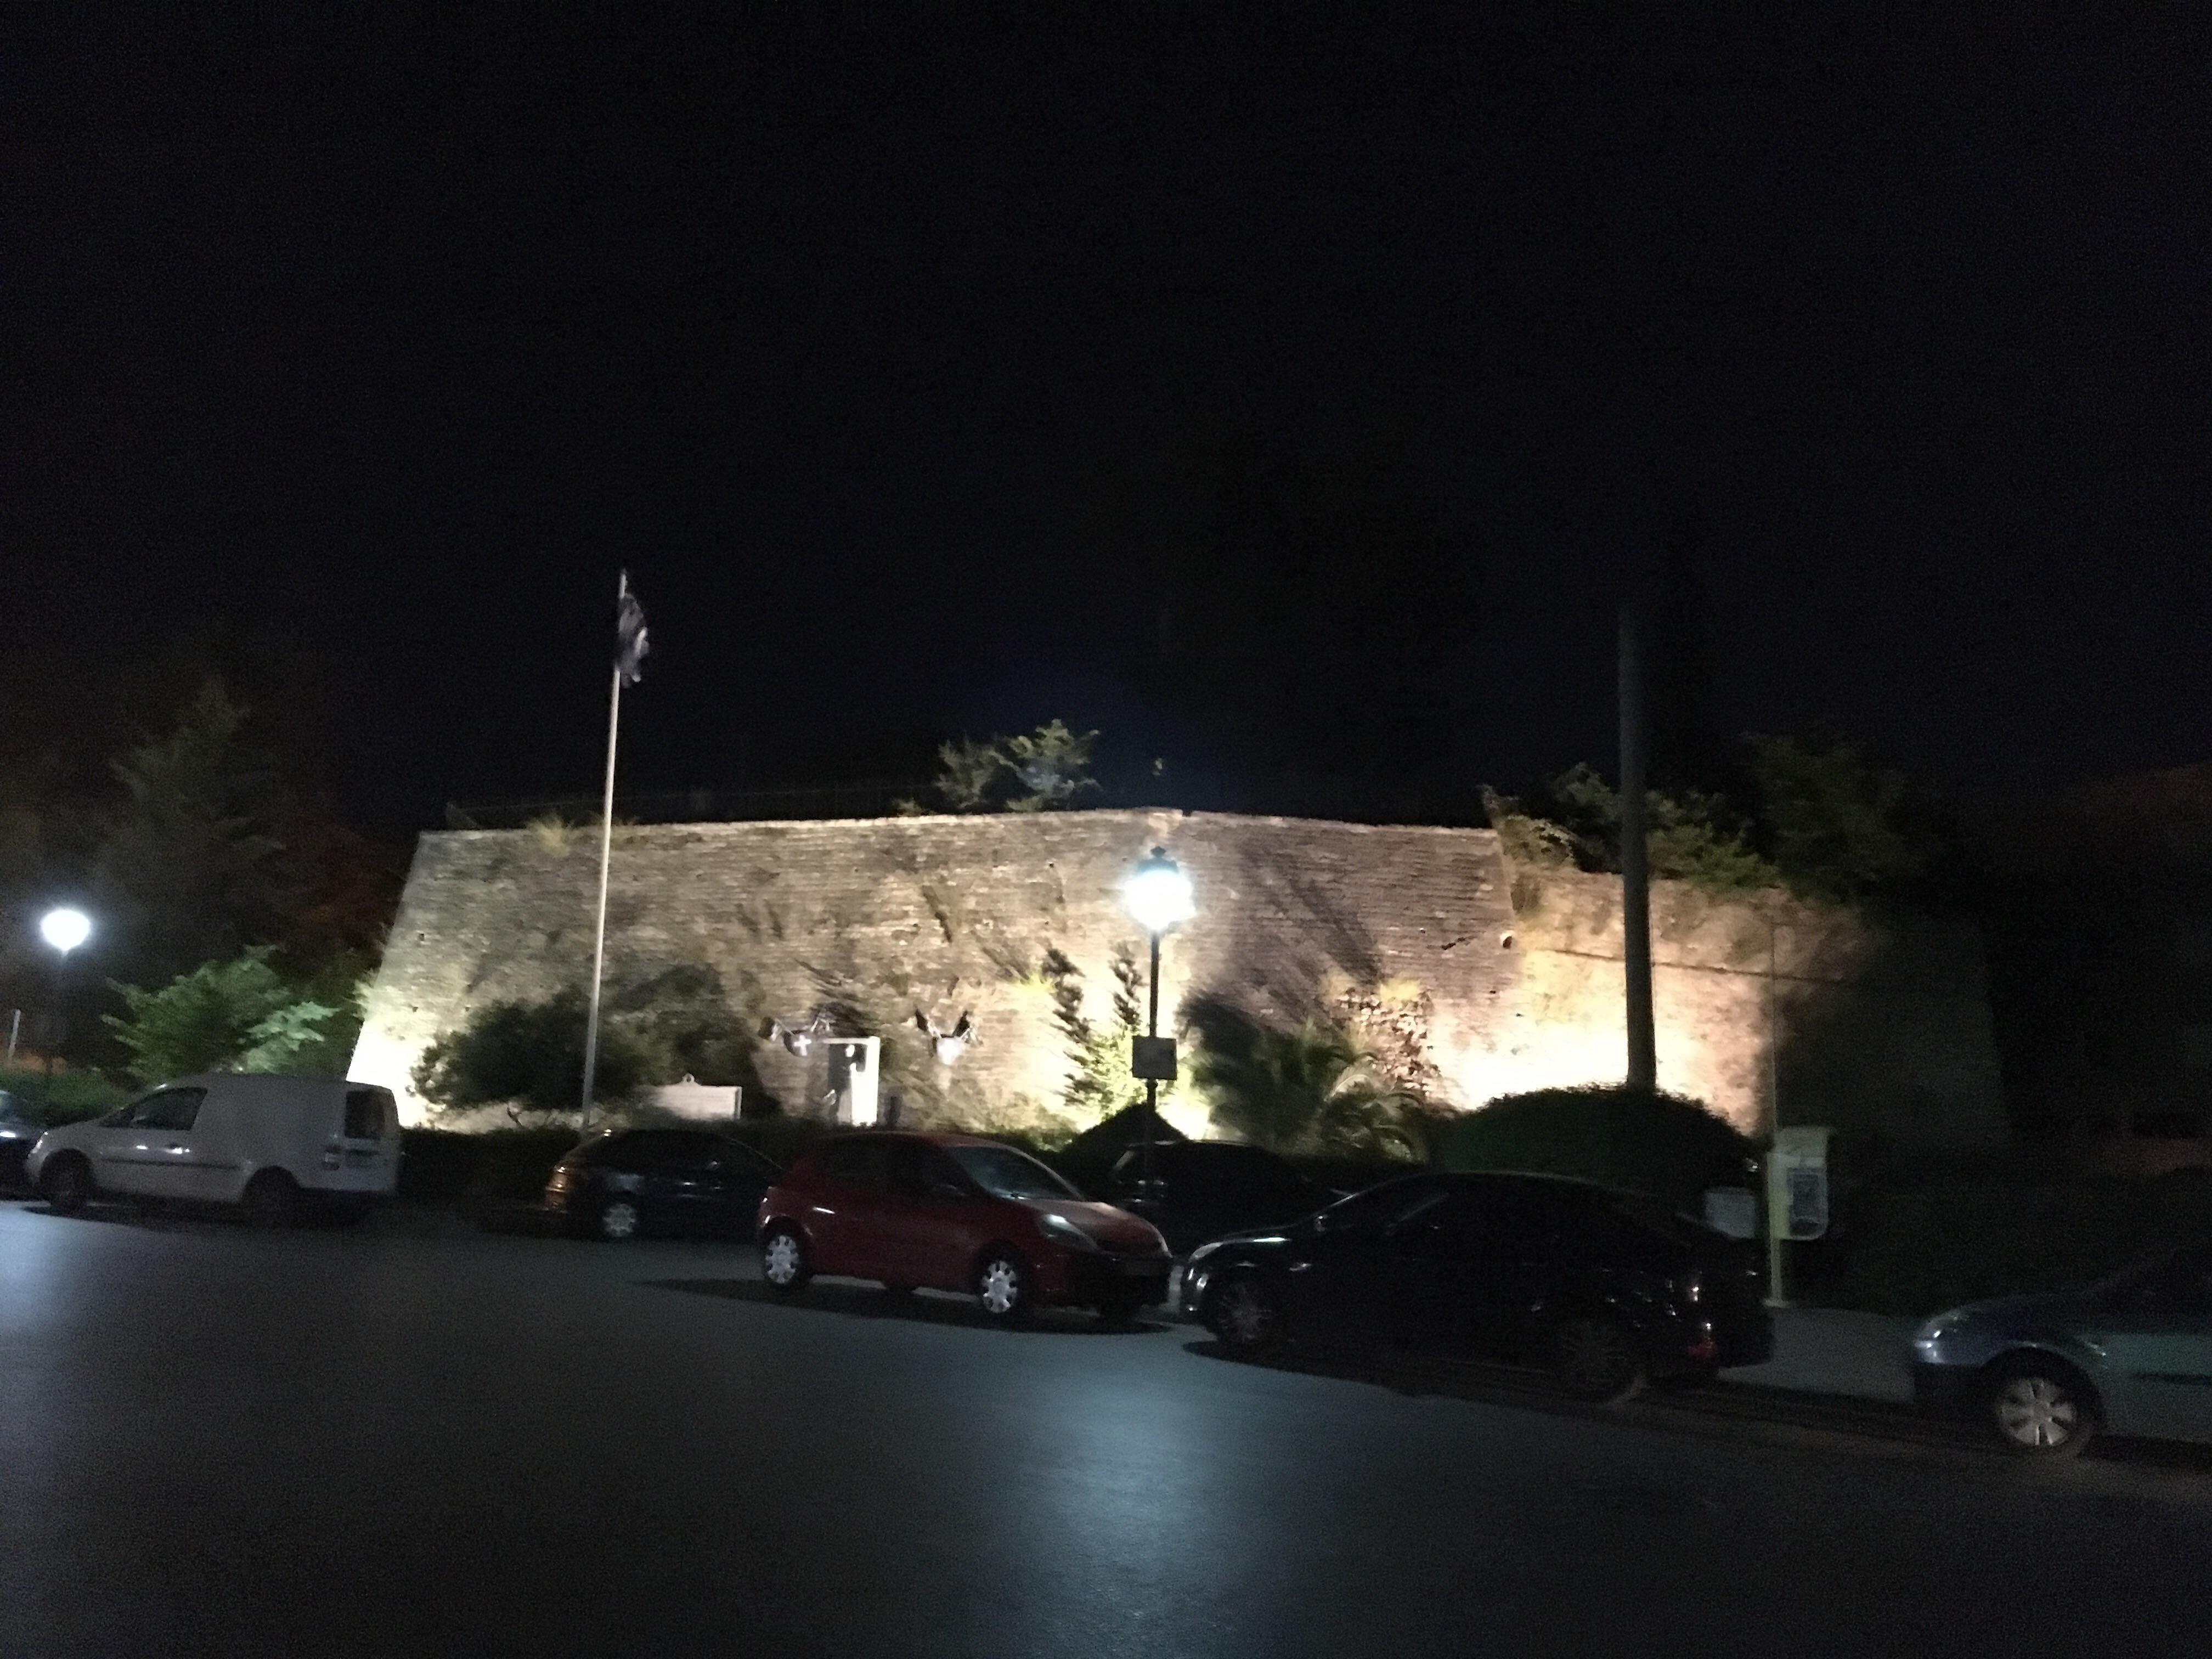 Εθελοντική προσφορά του Συνδέσμου για τον φωτισμό των κάστρων της Πρέβεζας -Ευχαριστήρια επιστολή